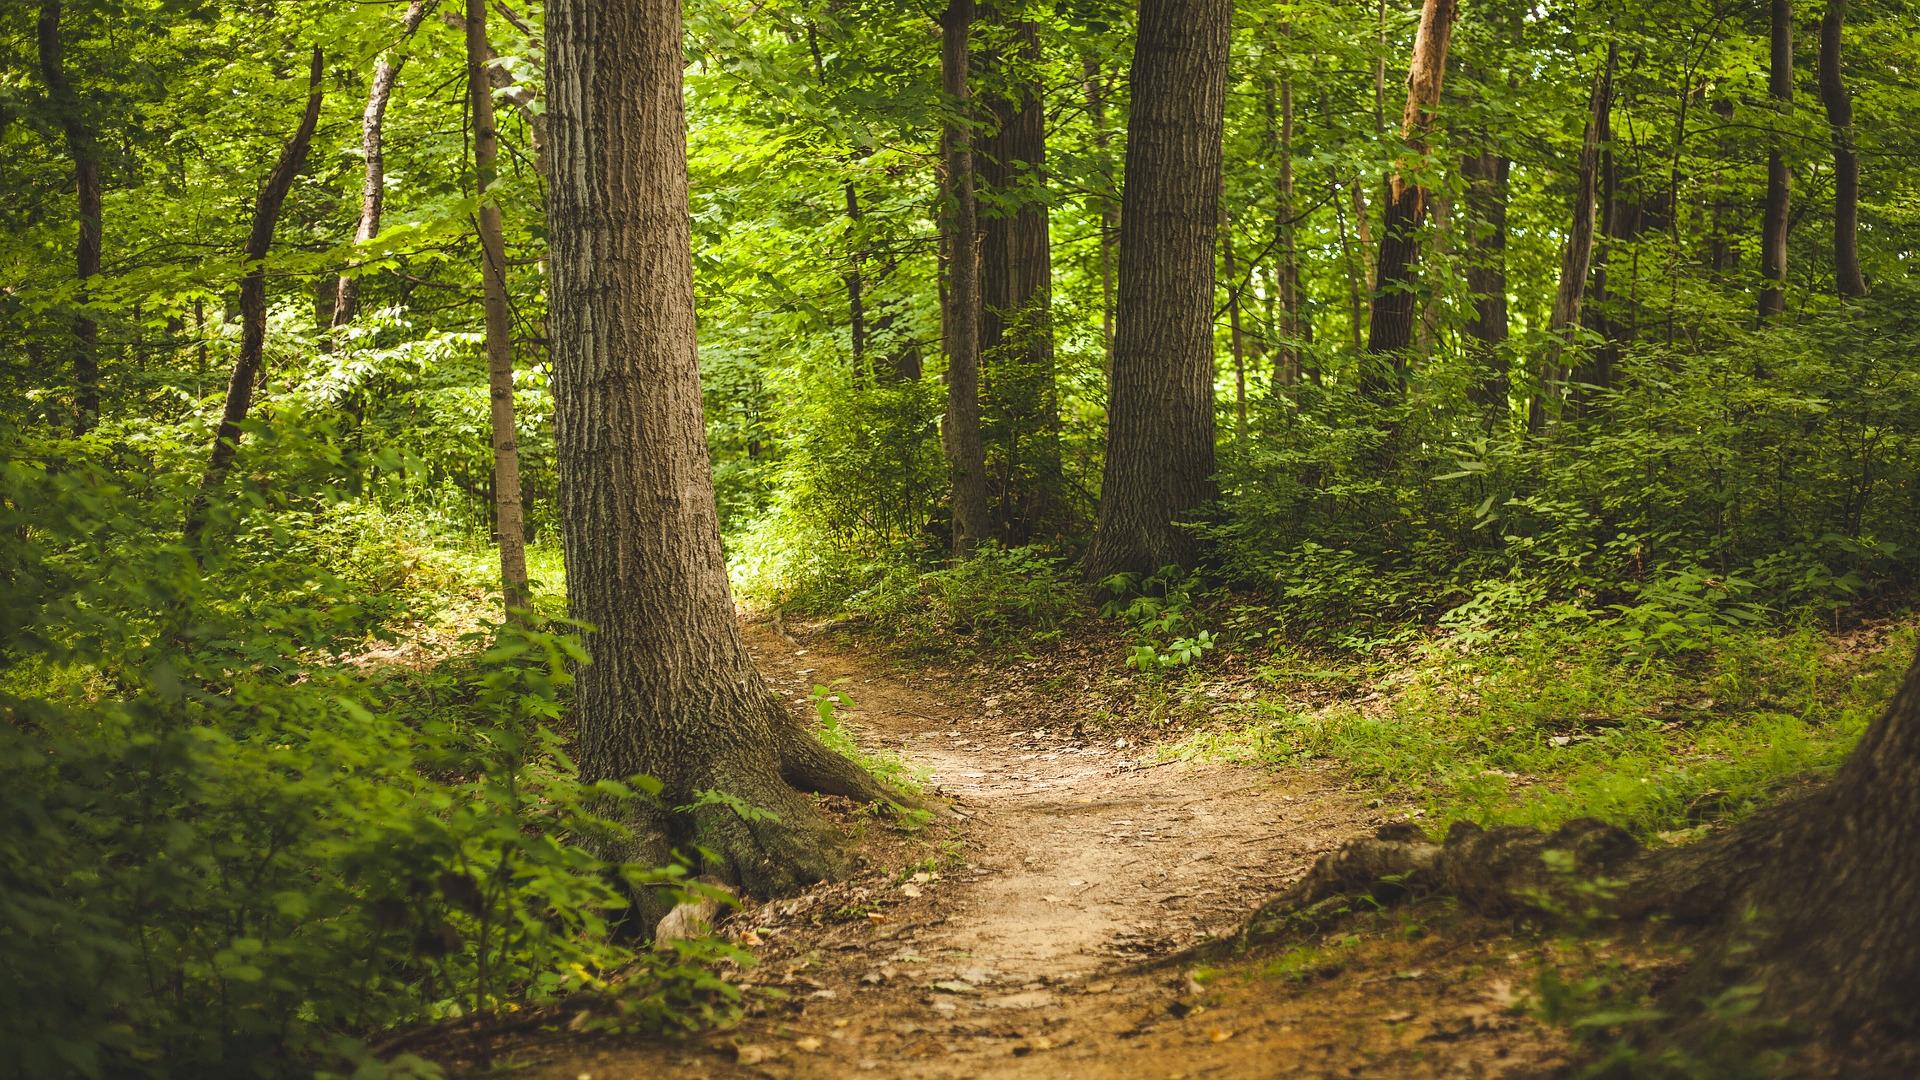 la-adhesioon-a-uno-de-los-modelos-forestales-que-creara-la-xunta-sera-obligatoria-a-partir-del-31-de-diciembre-del-2020